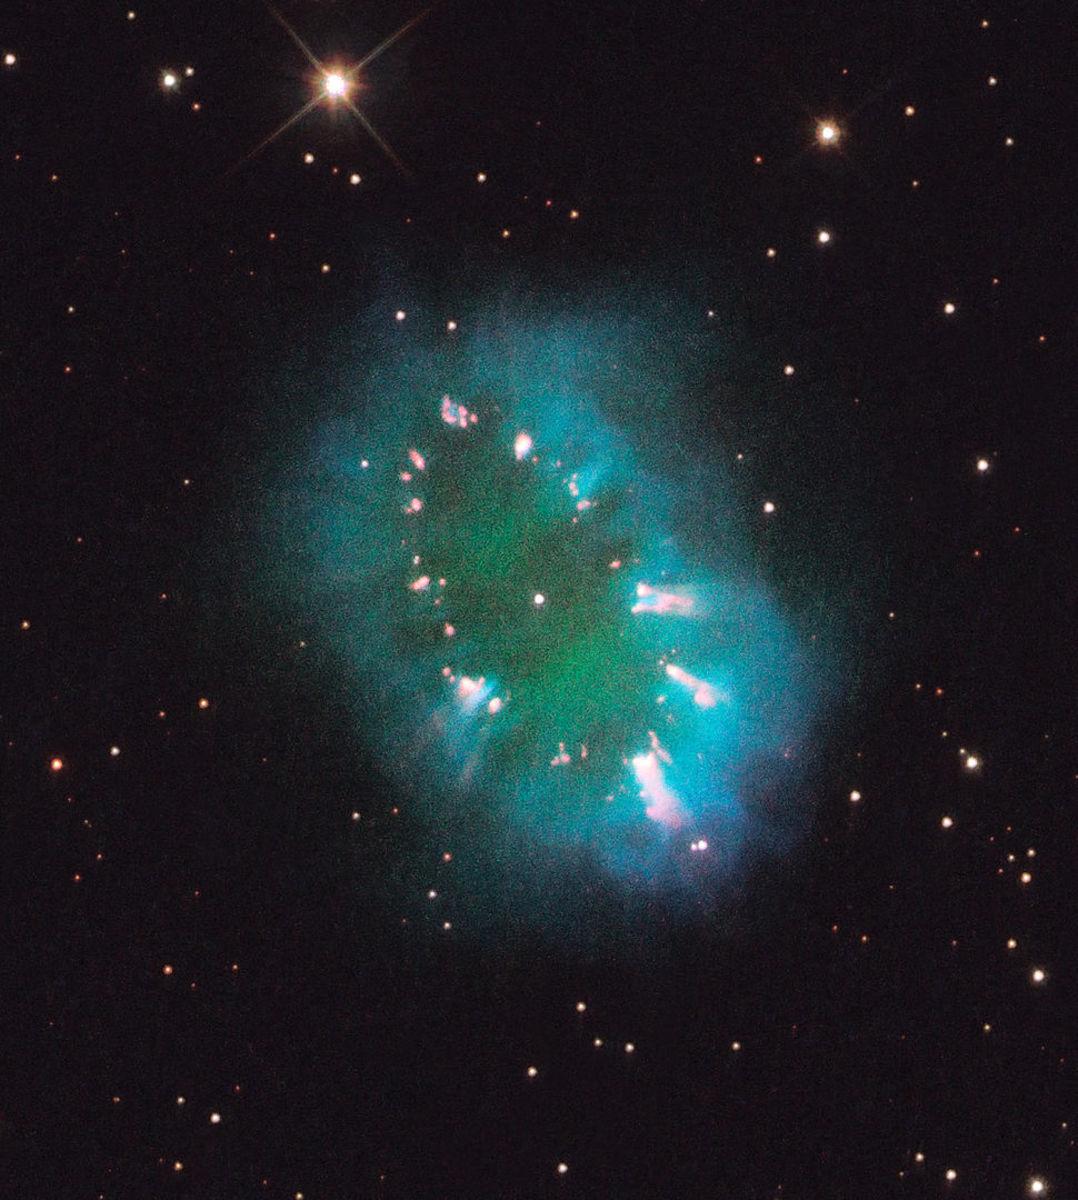 Necklace Nebula